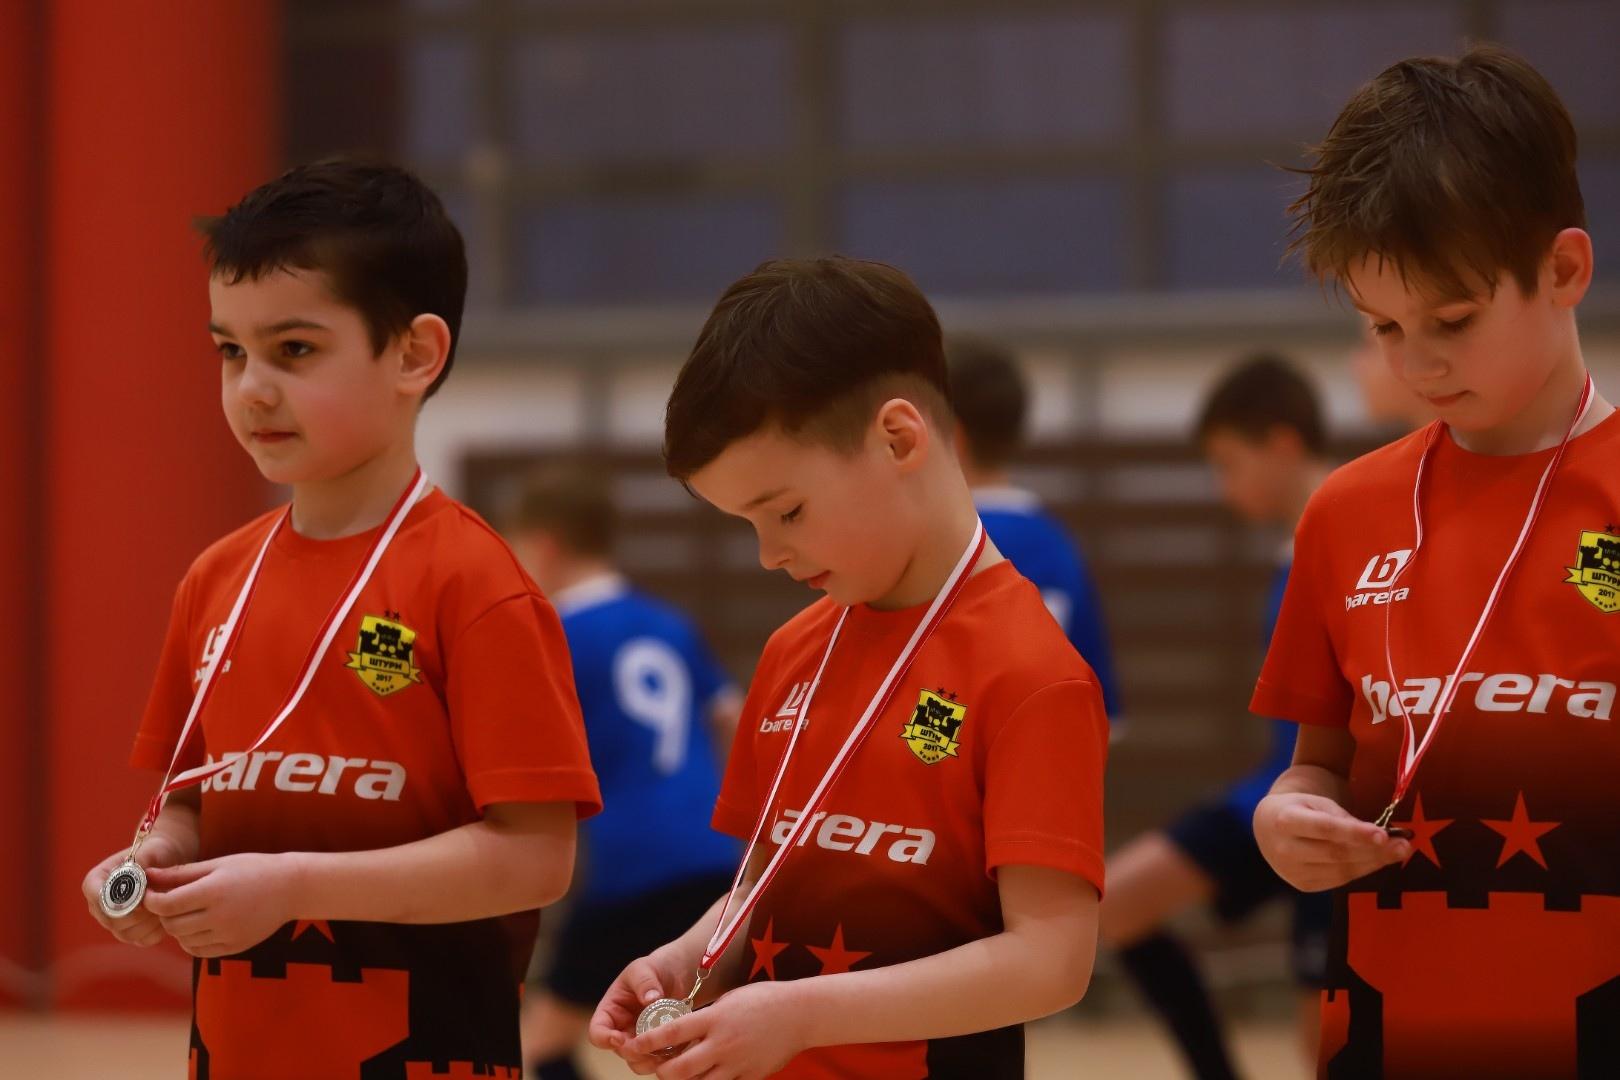 Штурм-Джуниор — финалист утешительного розыгрыша Кубка Премьерлиги Юни 2013